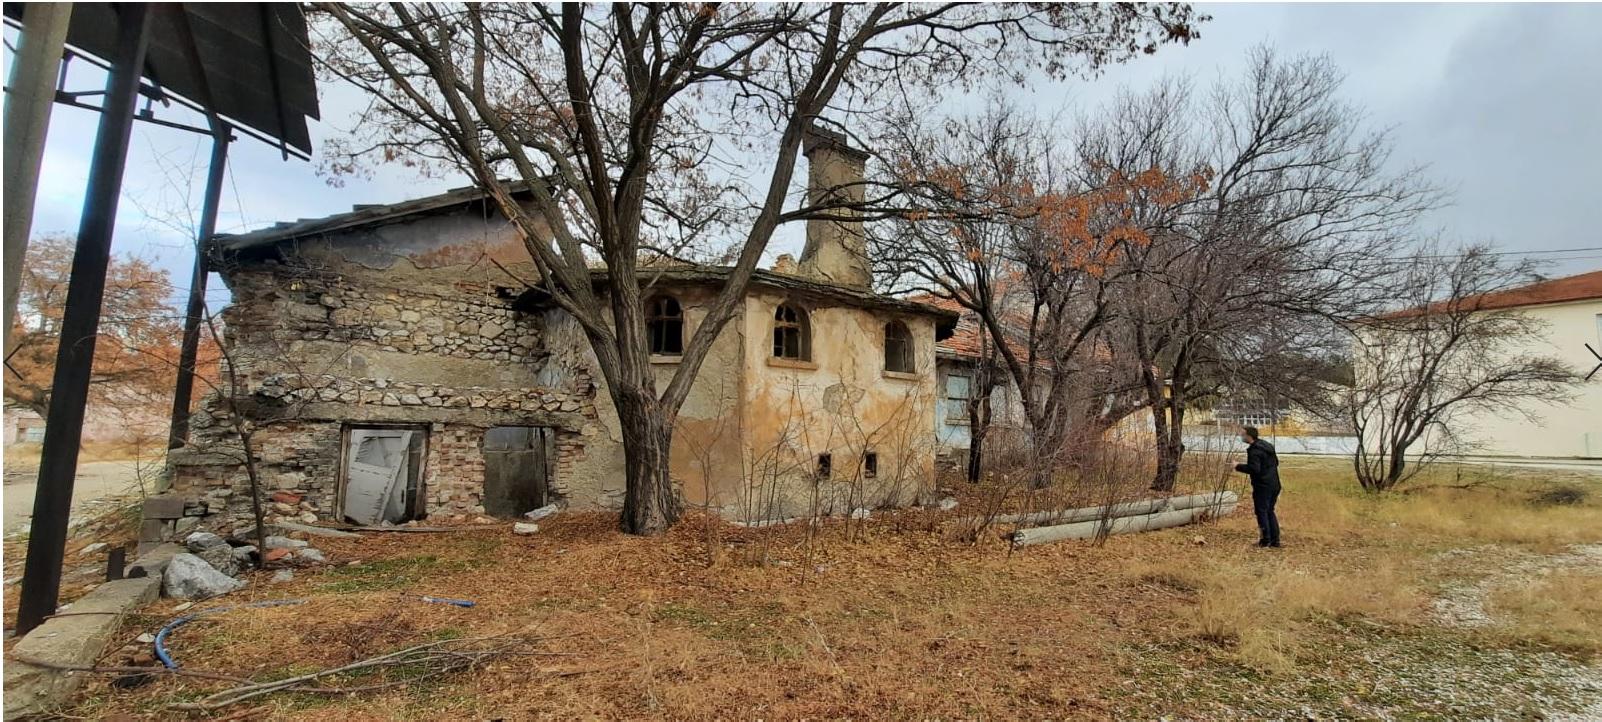 Başkent'te 'Hasanoğlan Köy Enstitüsü' Yeniden Canlandırılacak